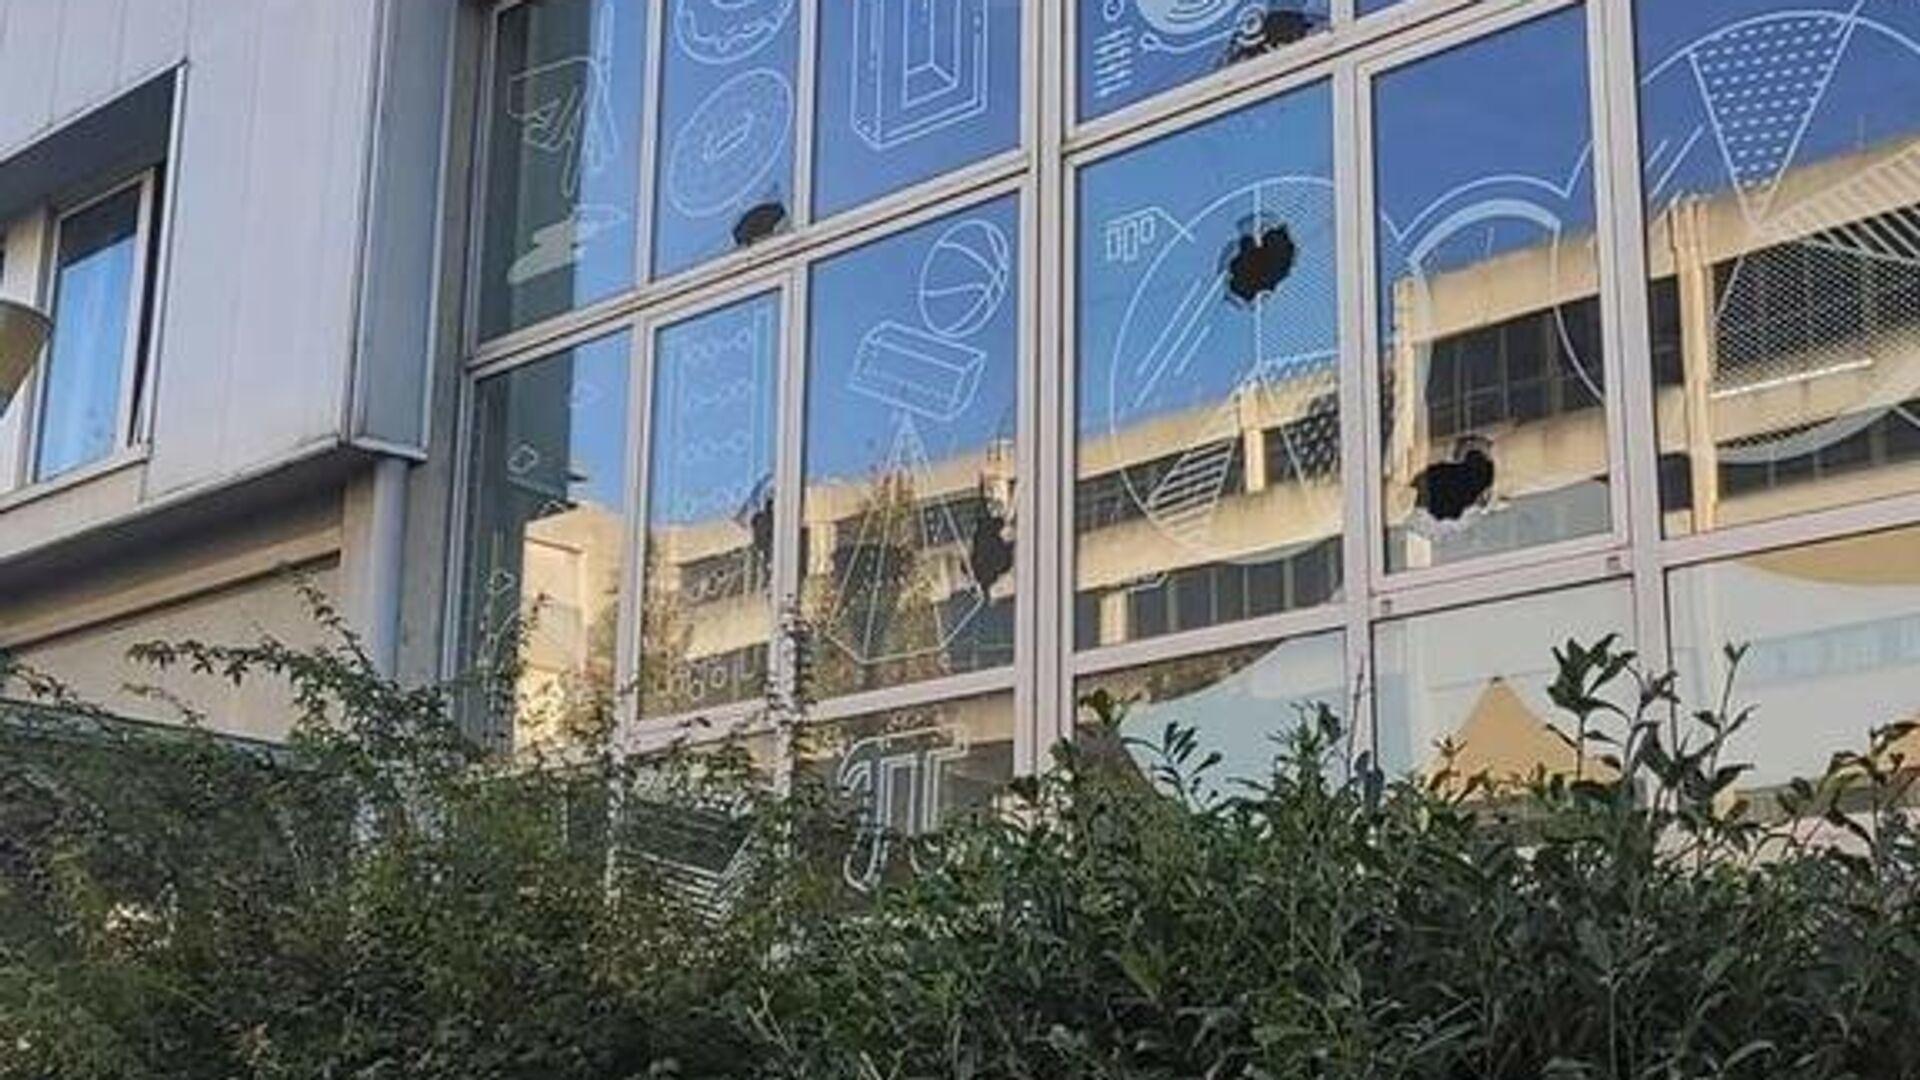 İspanya'nın kuzeyindeki Leioa şehrinde bir kişi, pompalı tüfekle Del Pais Vasco Üniversitesi binasına ateş açtı. - Sputnik Türkiye, 1920, 13.10.2021